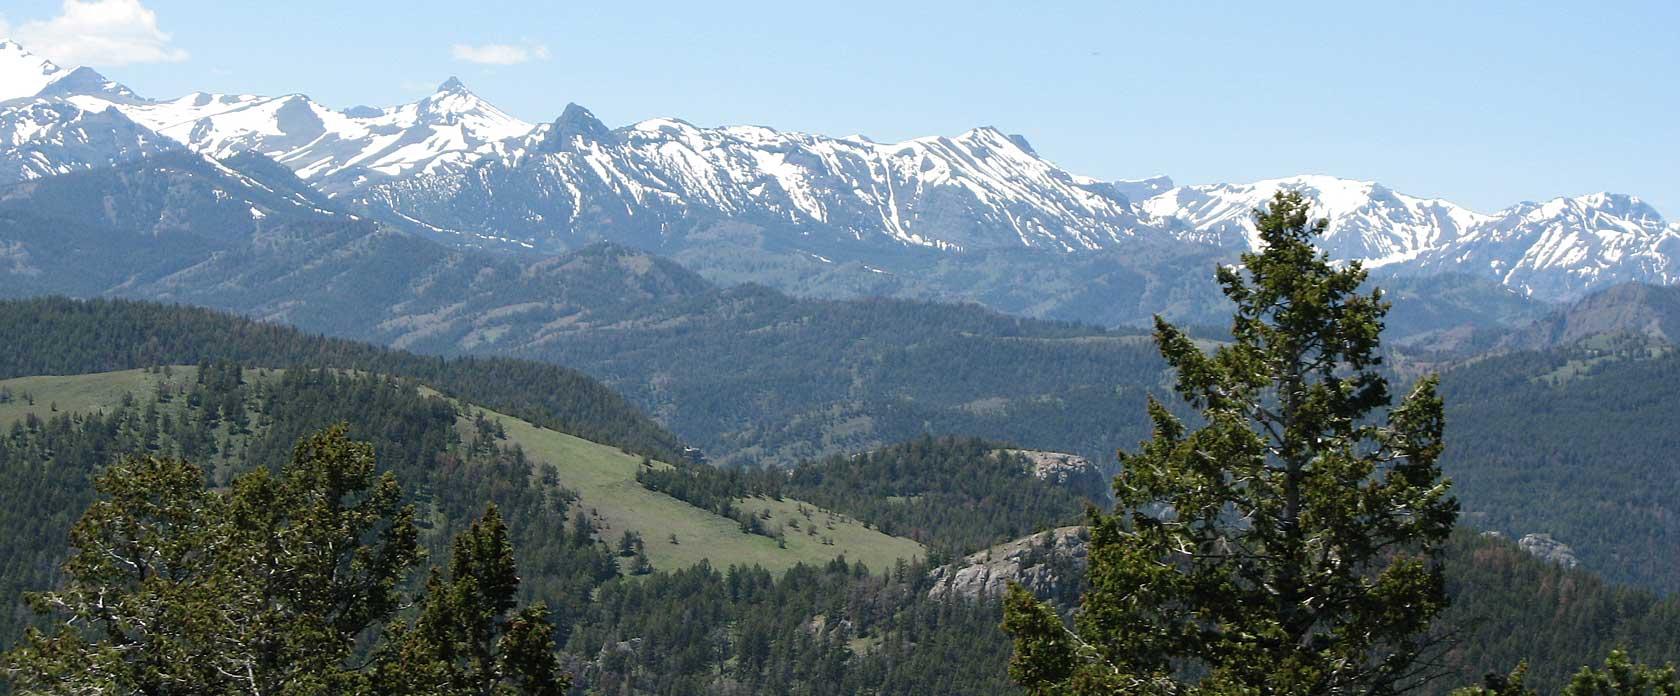 Absaroka Mountain Range / Testimonials